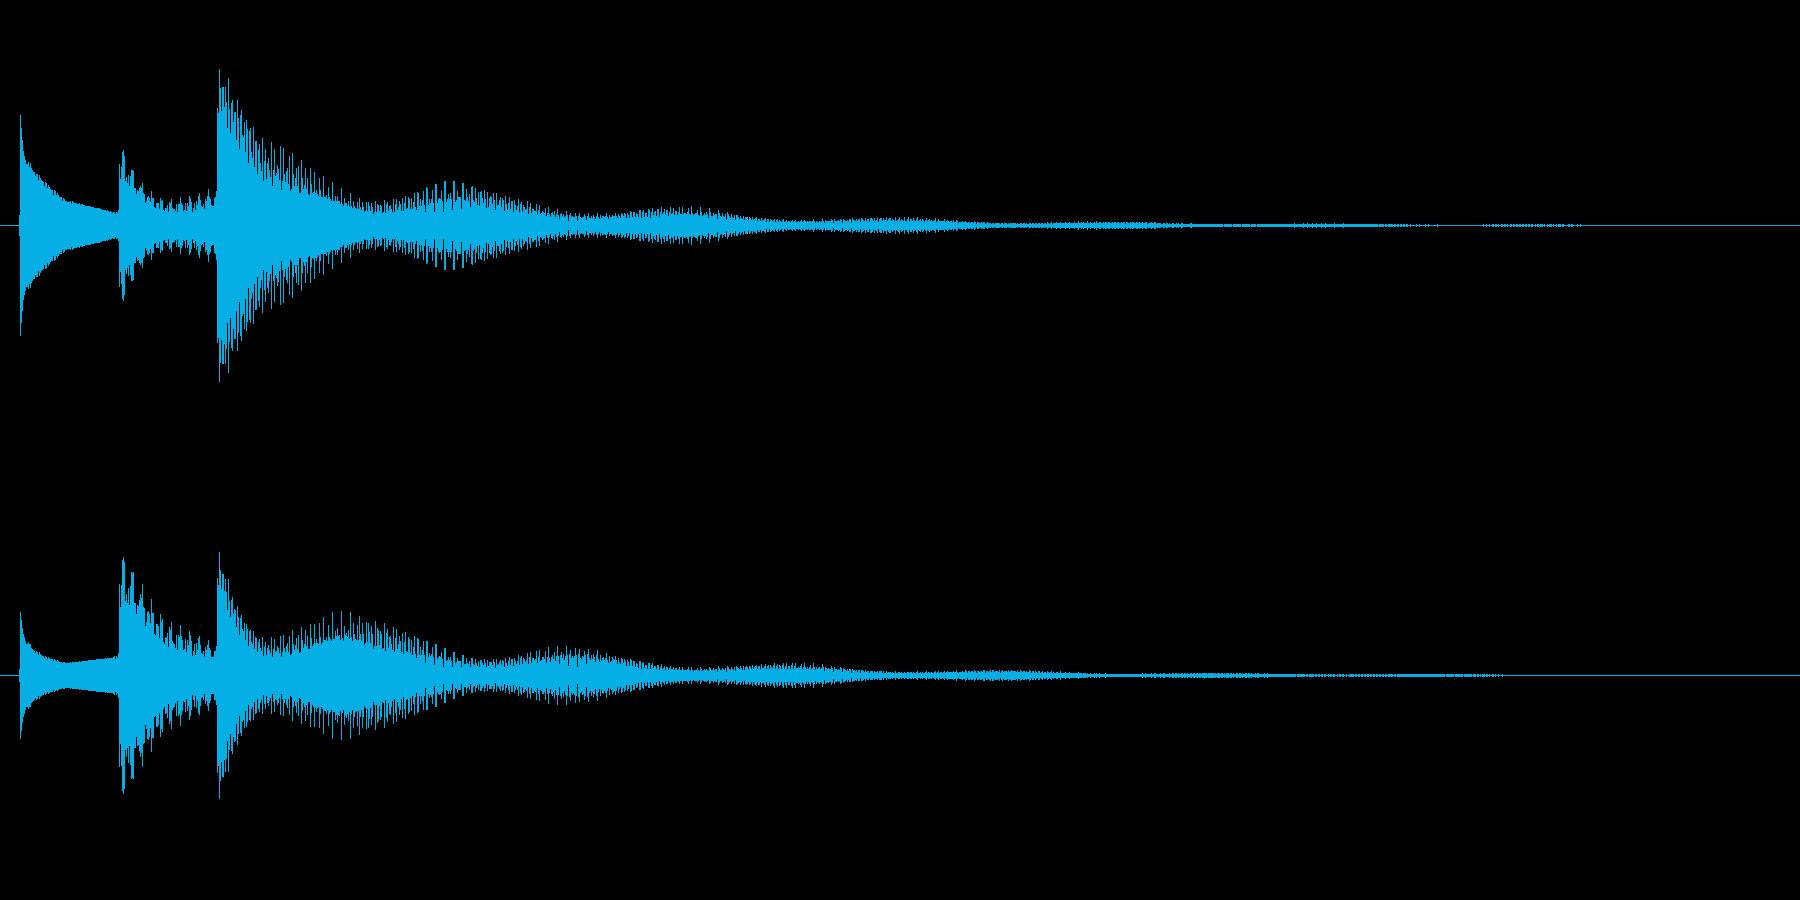 ぴん↑ぽん↓ぱーん↑の再生済みの波形